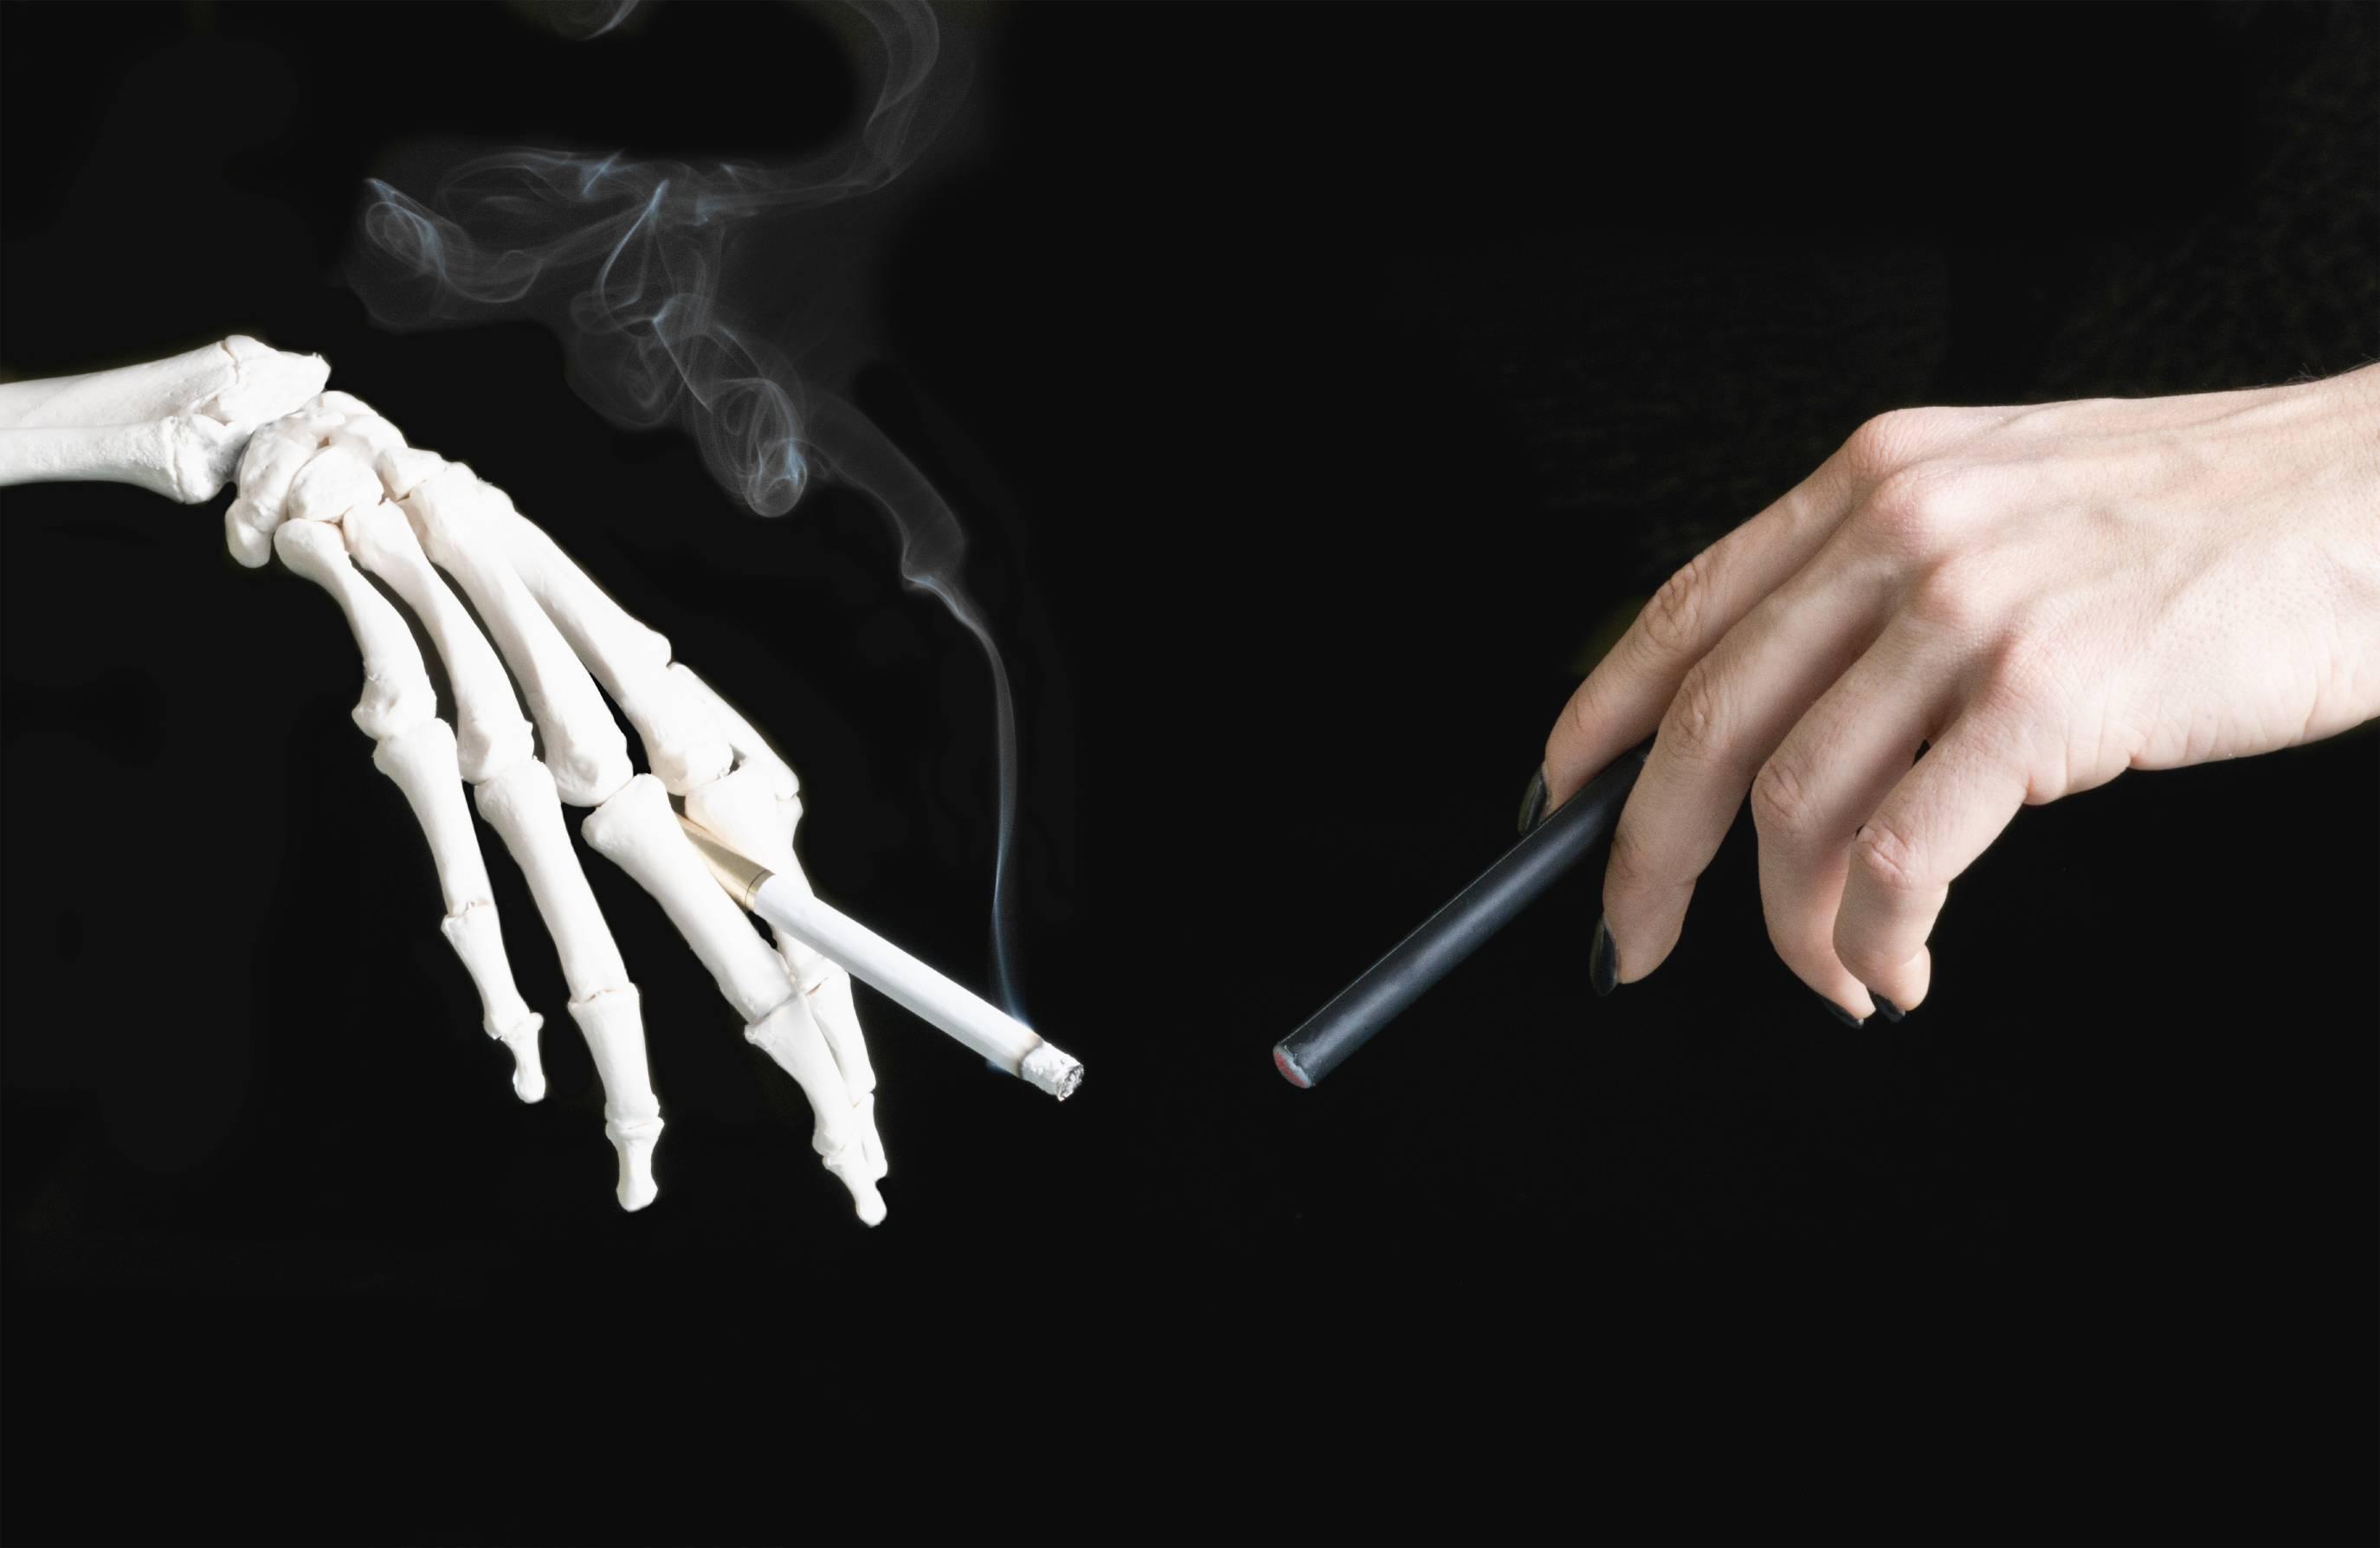 Никотиновая зависимость: когда появляется от курения сигарет и как можно избавиться